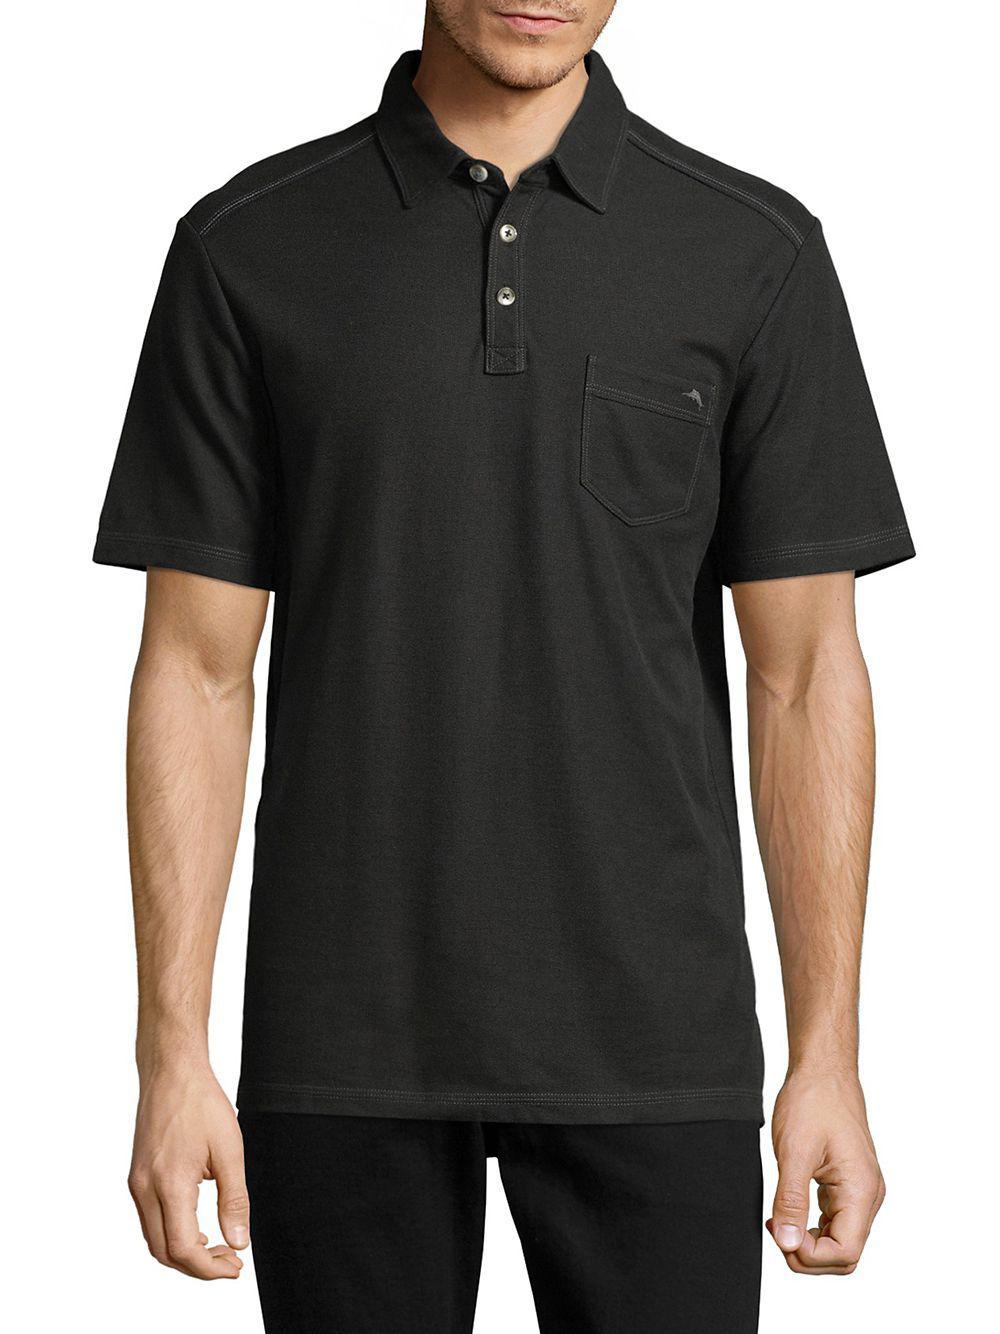 Lyst - Tommy Bahama Pocket Polo in Black for Men 2e77214af